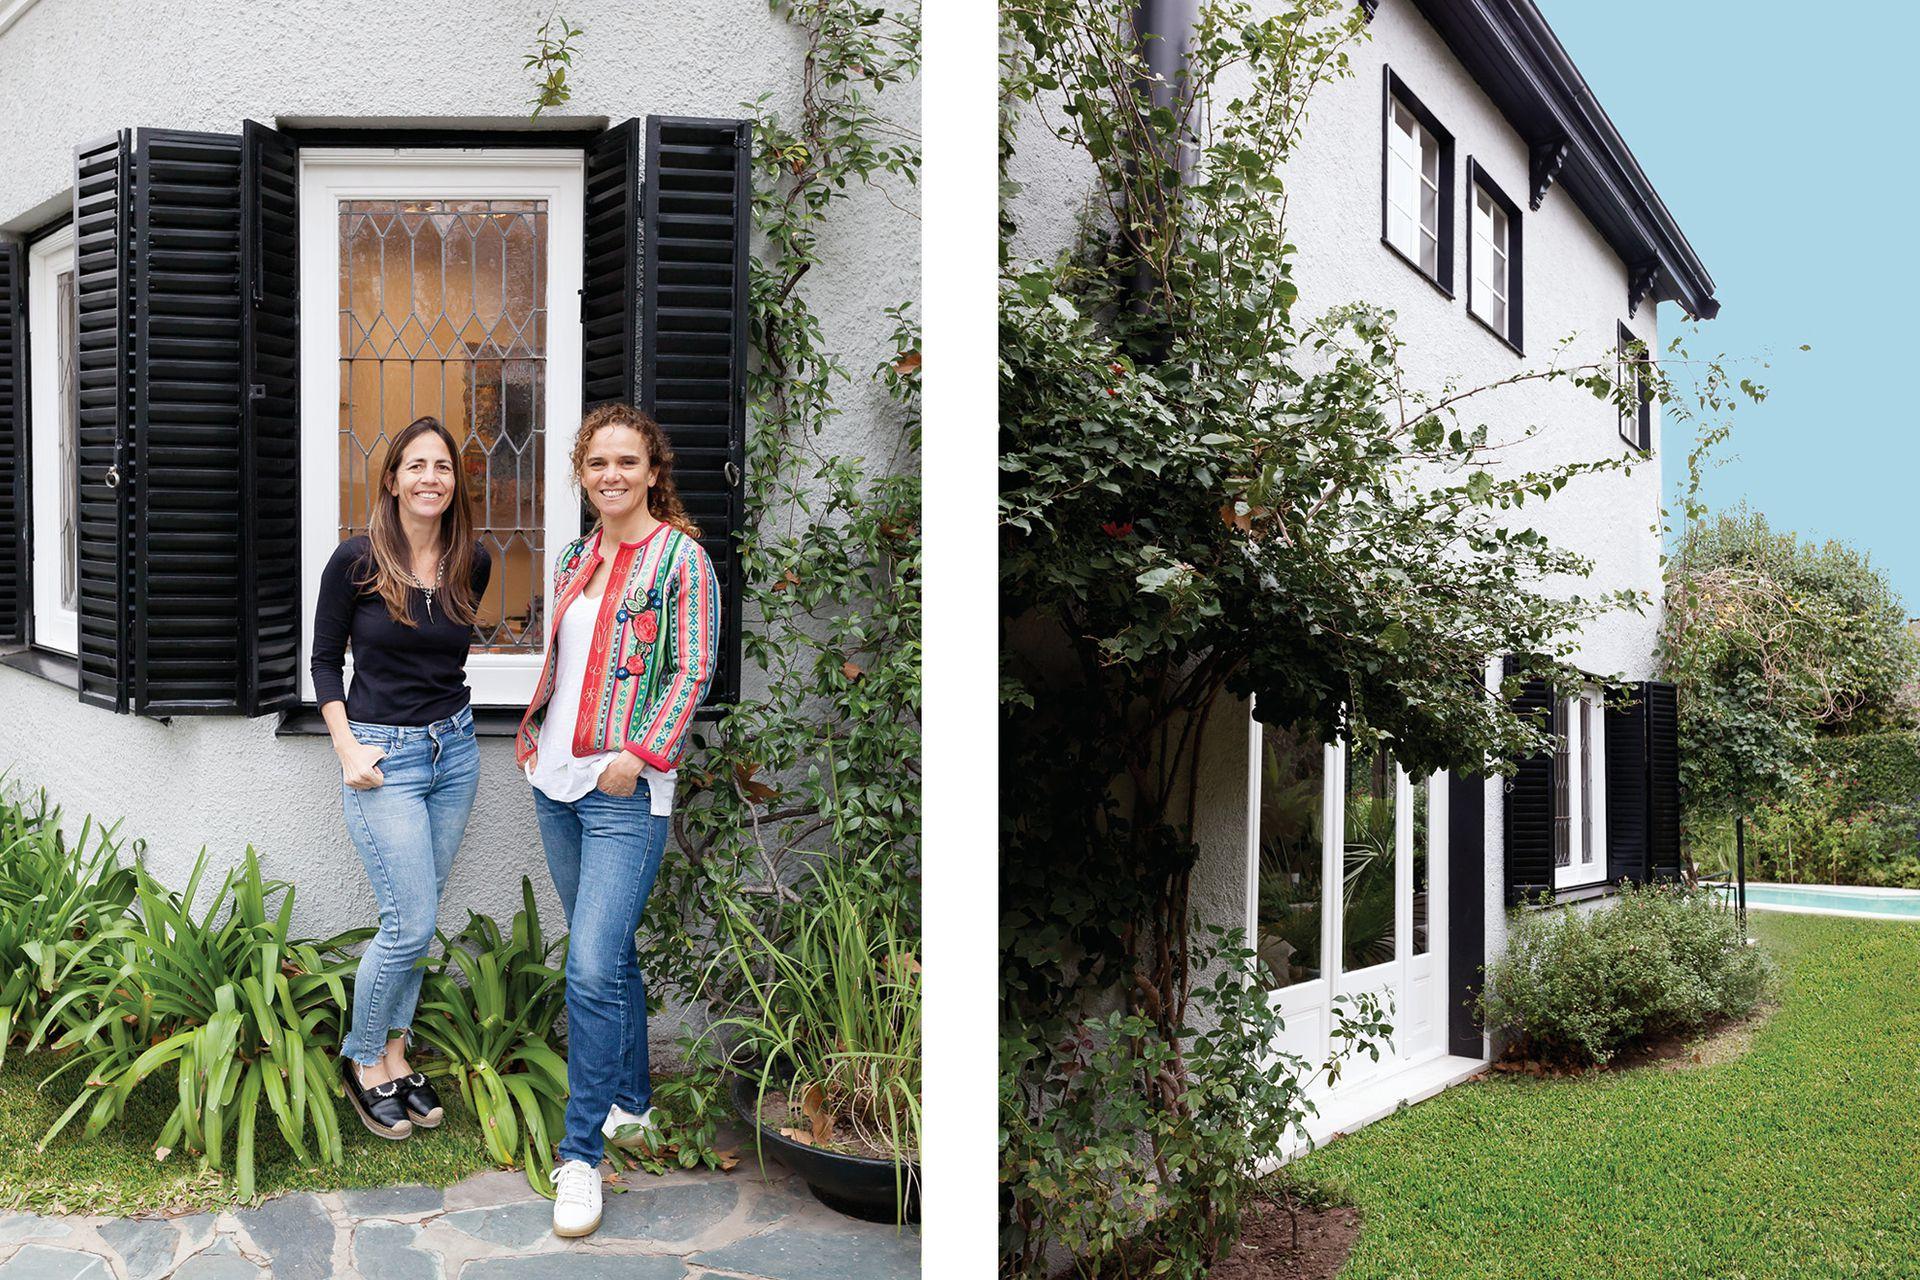 María Maqueda y Mercedes Oneto, socias de MMO Arquitectas, la dupla que llevó adelante la reforma.